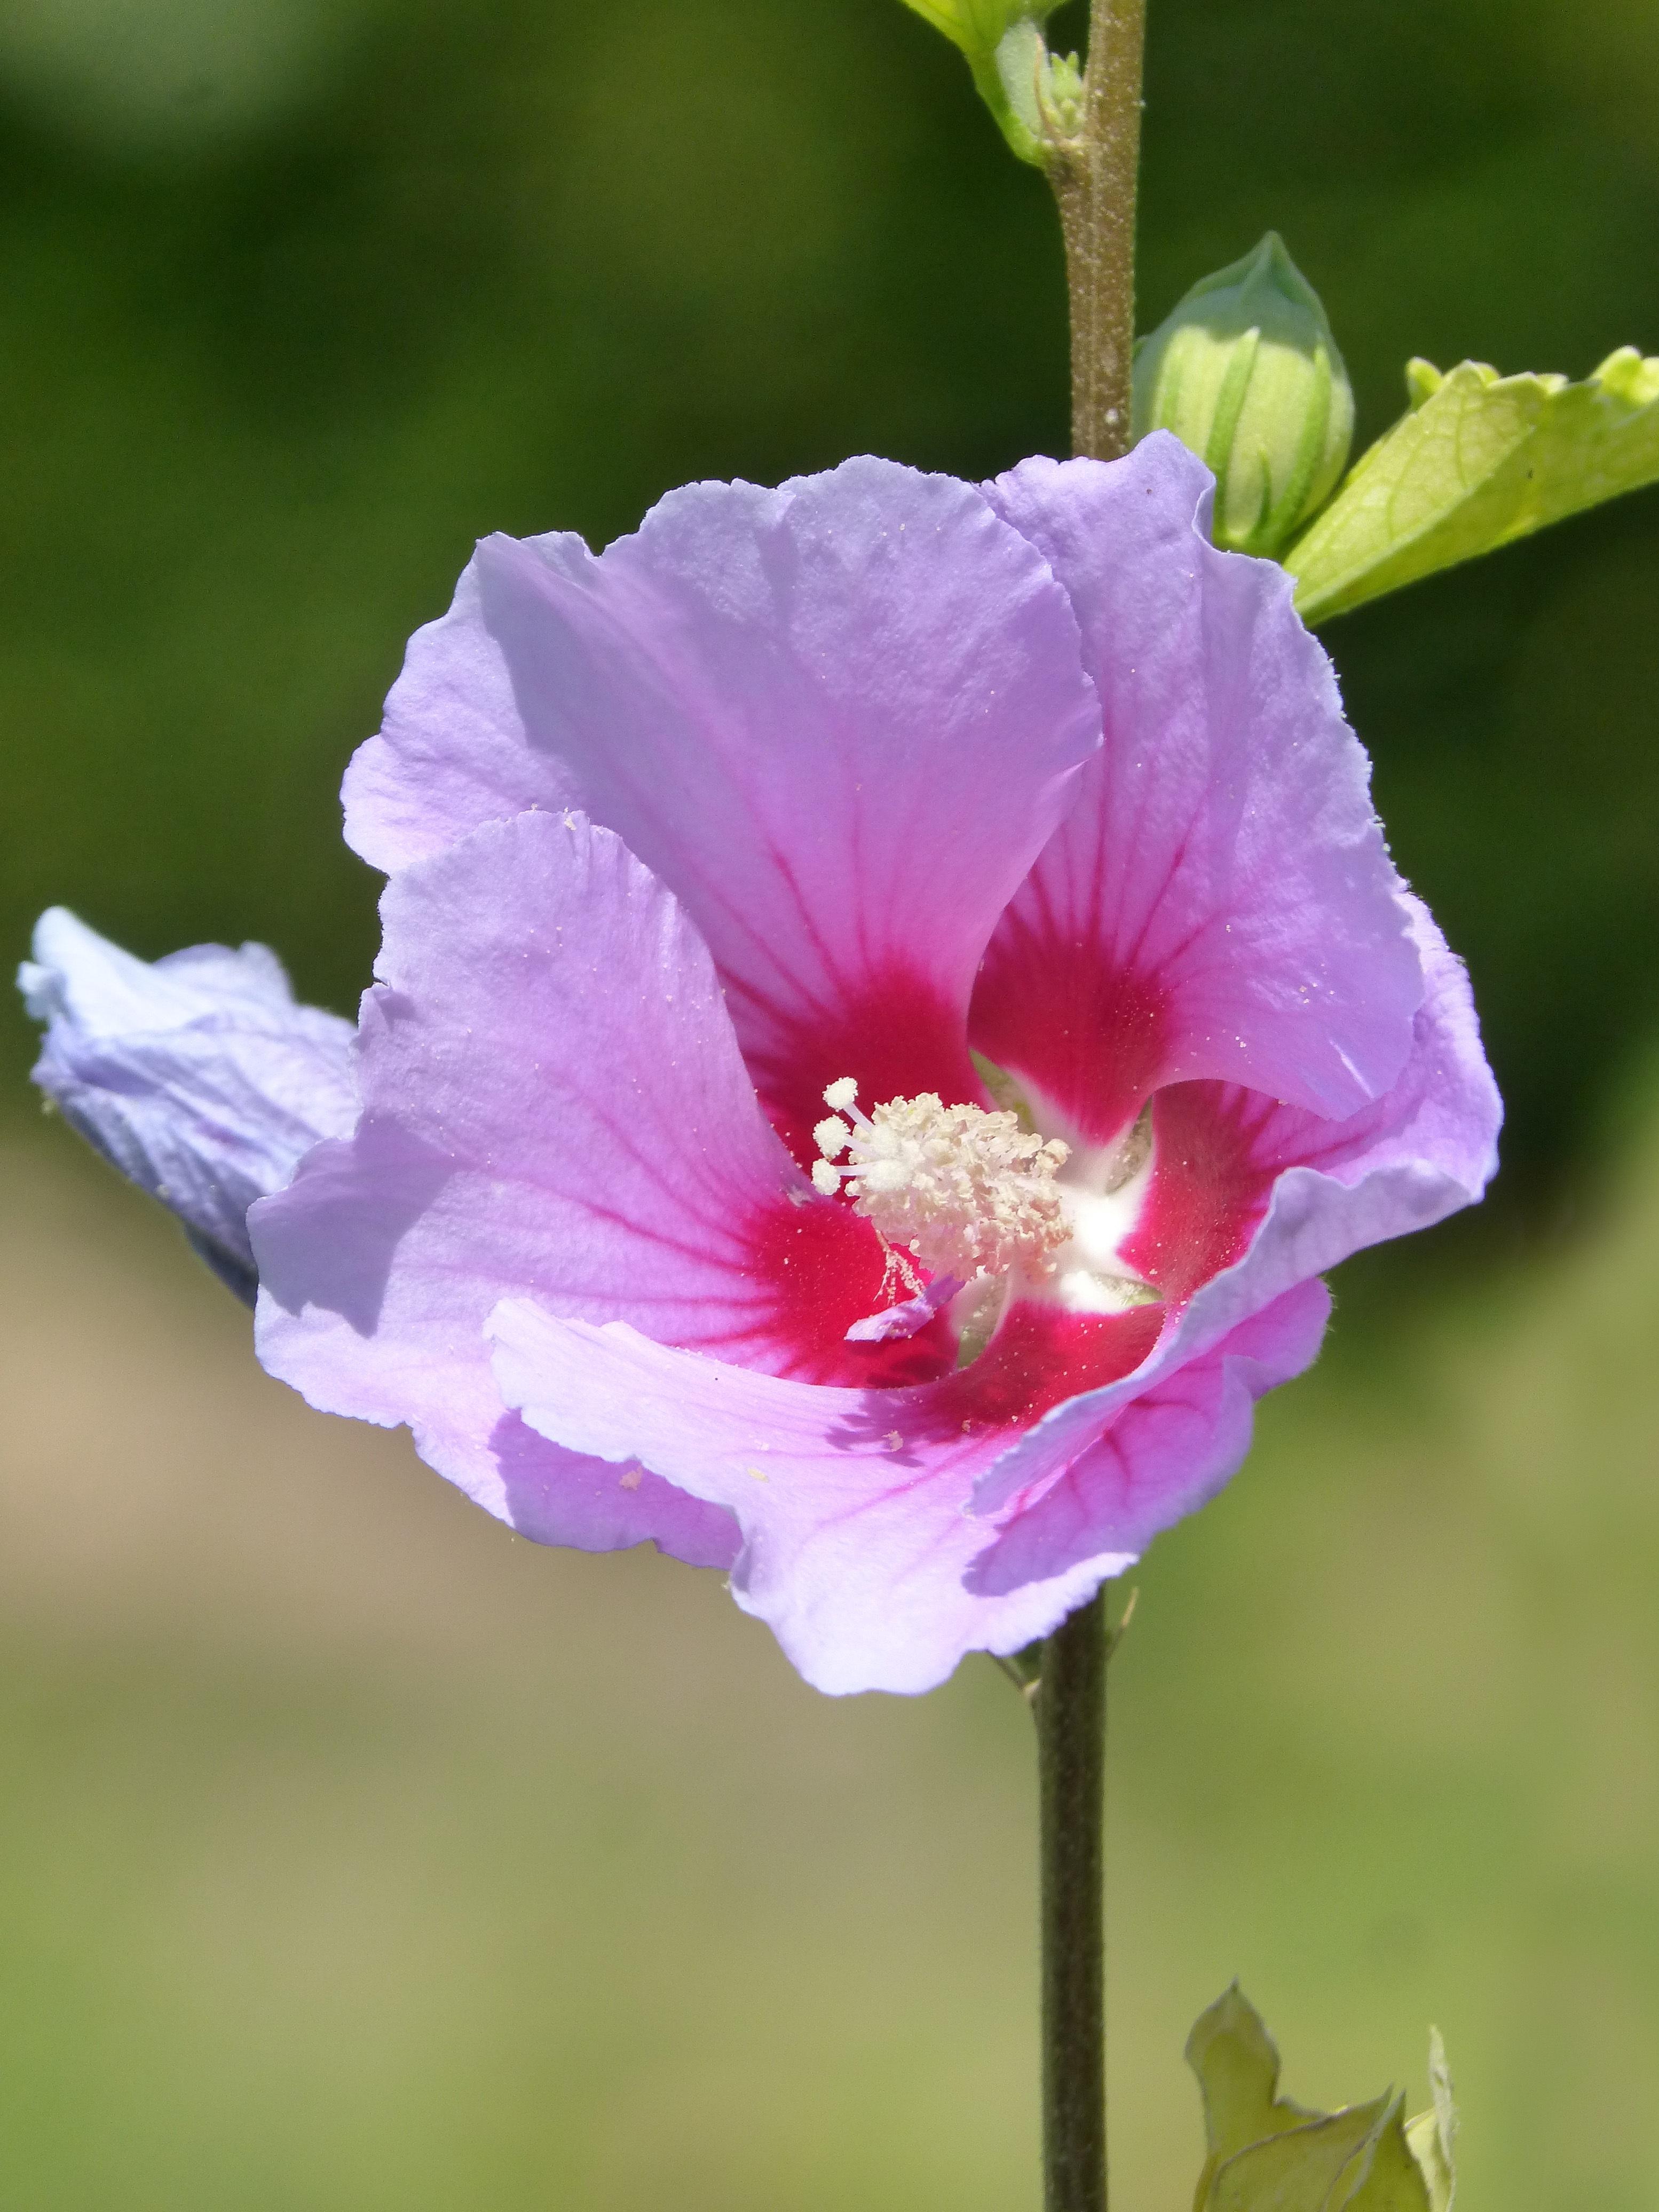 purple hibiscus by adichie understanding nigeria